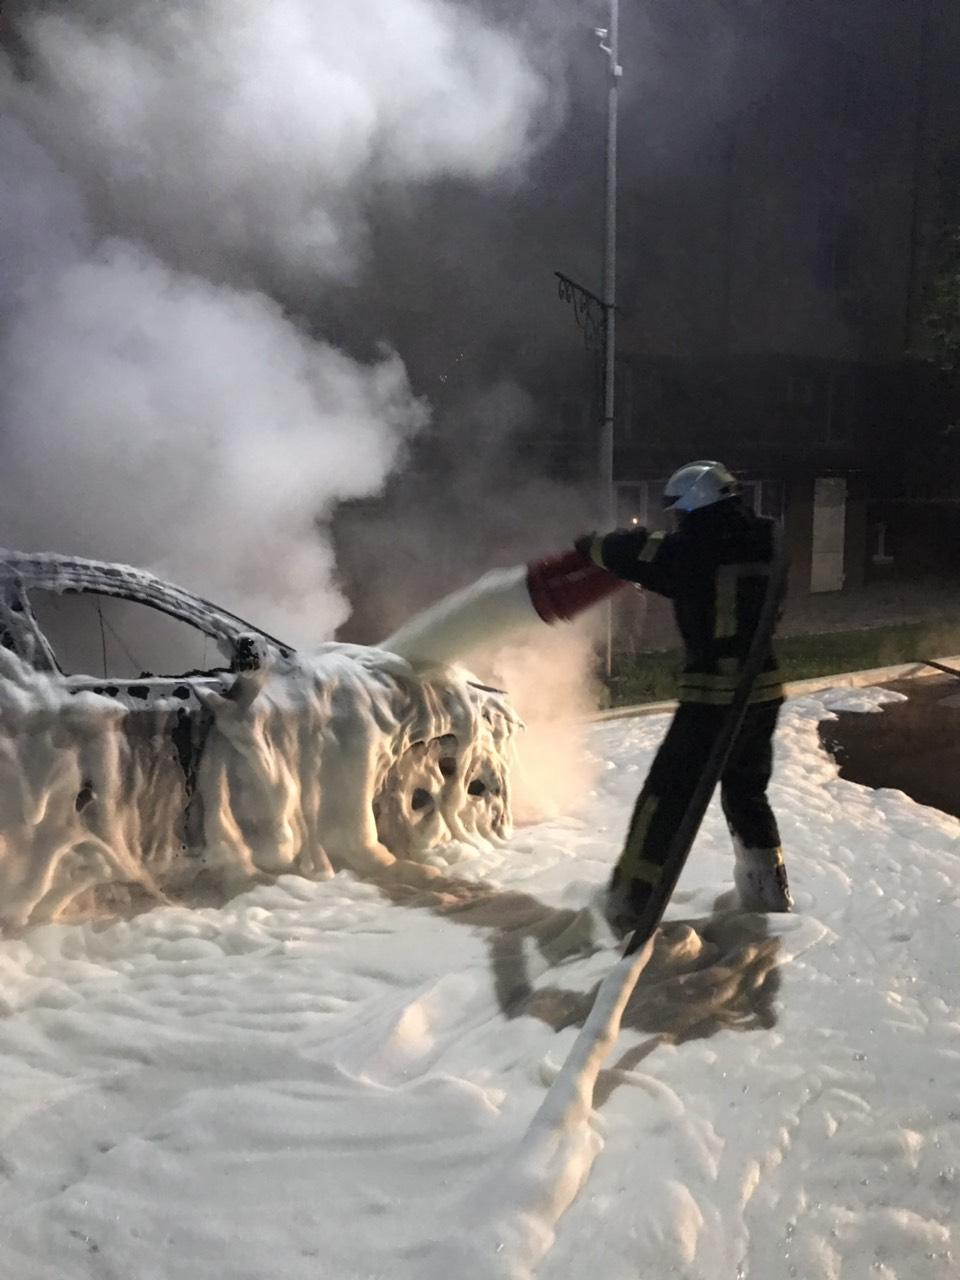 У Софіївській Борщагівці згоріло авто - 16.08.2019 -  - yzob2323razhenye viber 2019 08 16 09 32 01